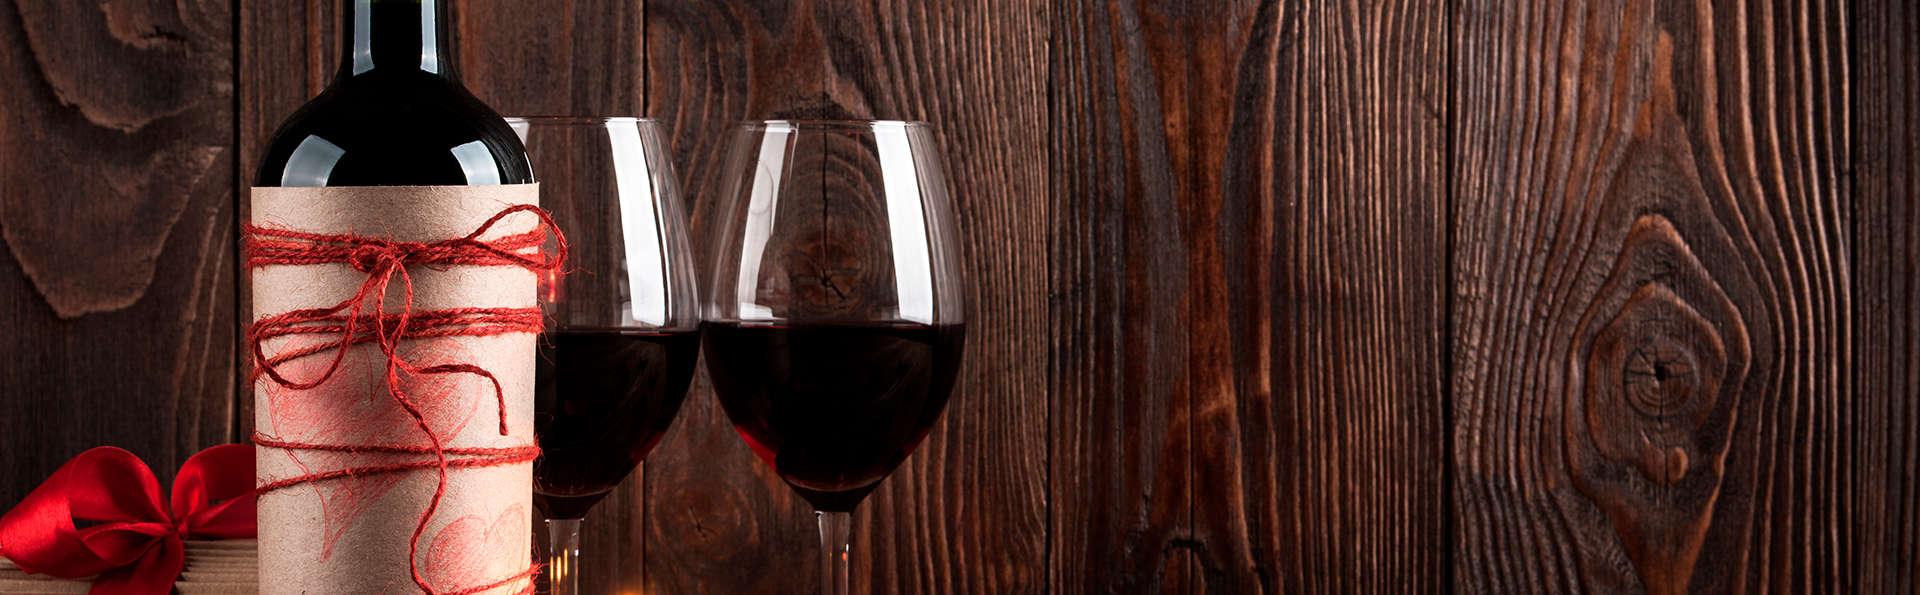 Escapade à deux à Bordeaux avec bouteille de vin